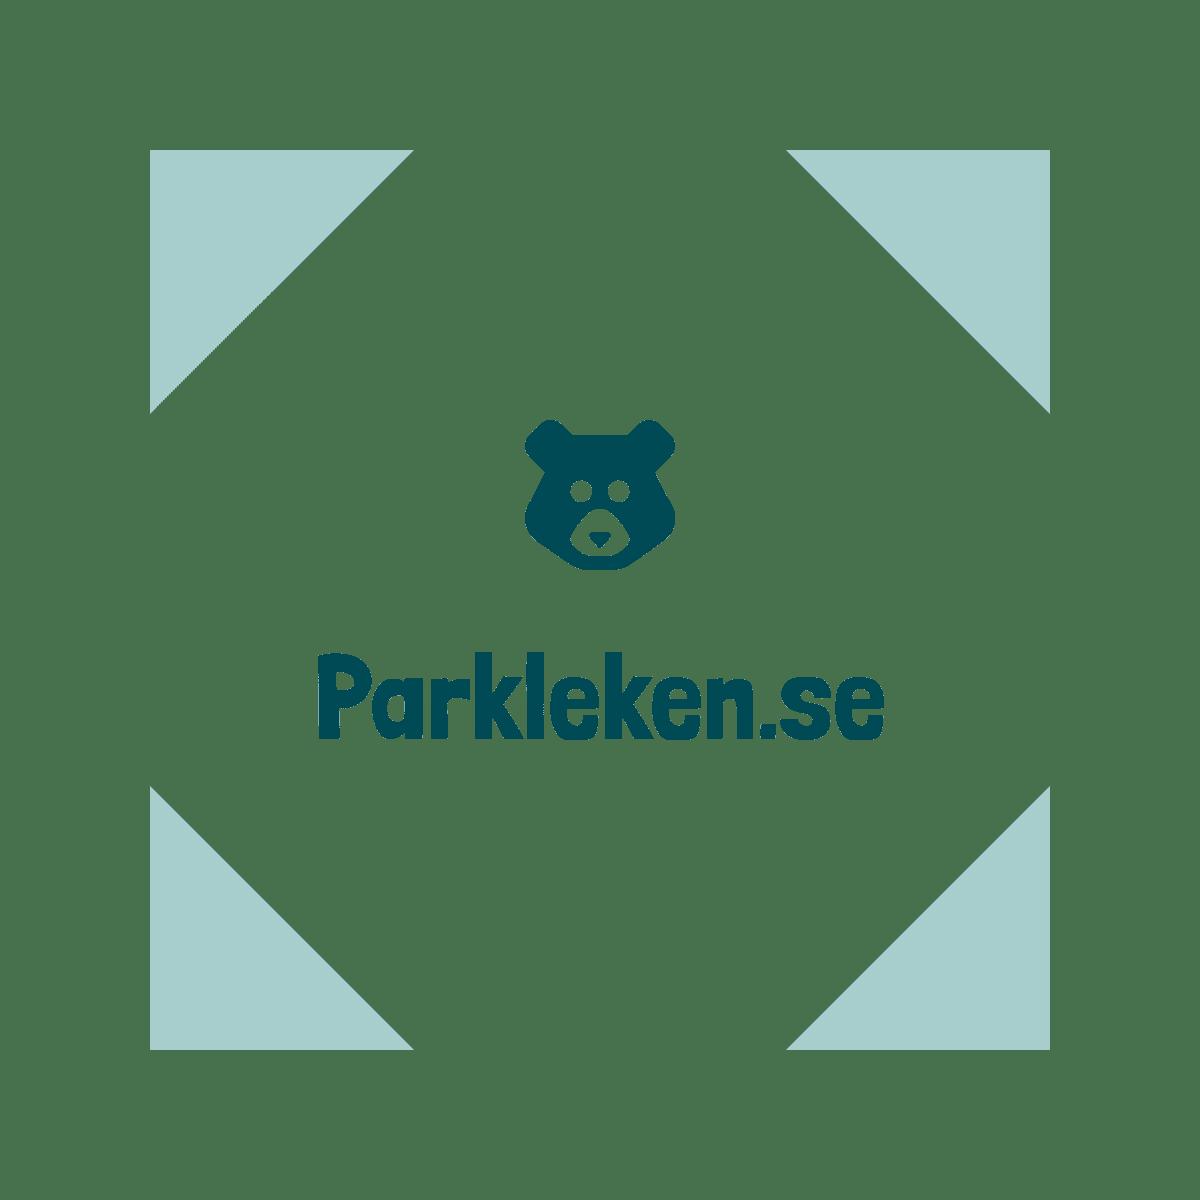 Parkleken.se